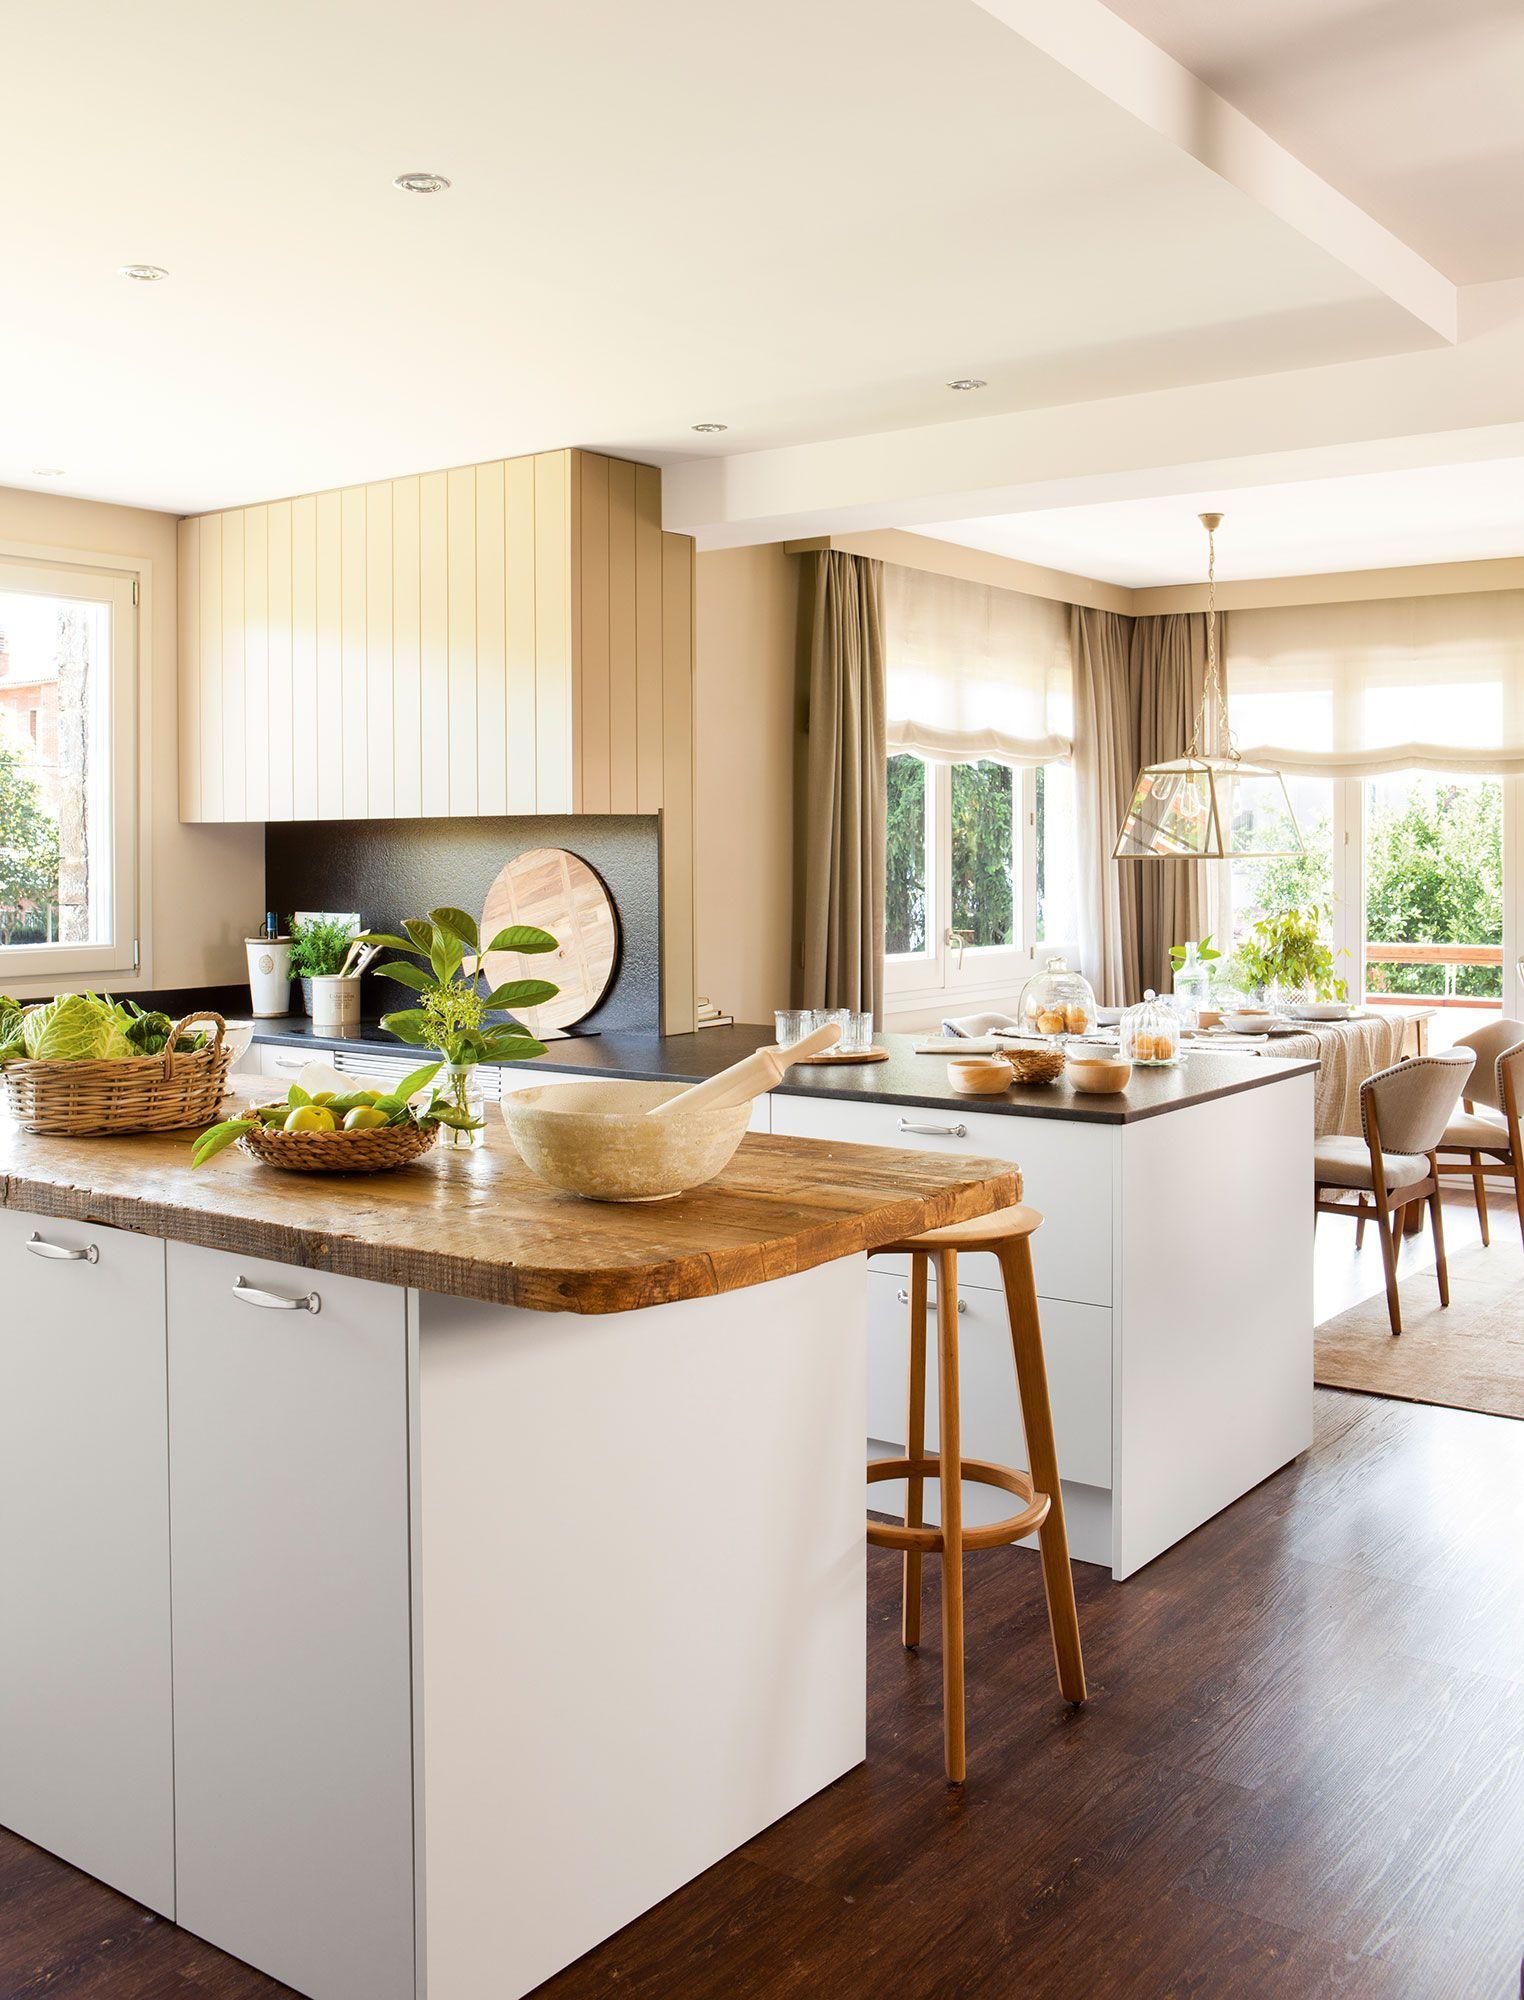 Cocina abierta al comedor con muebles en blanco y encimera de madera ...